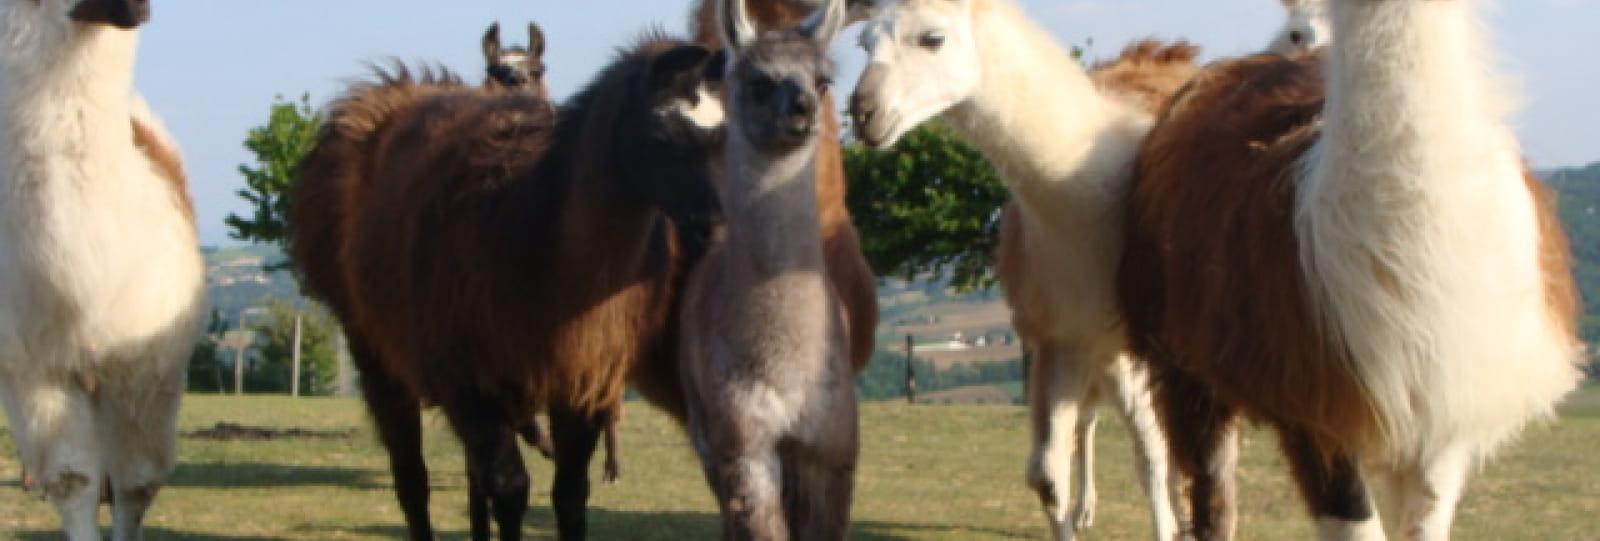 Lamas des Plaines